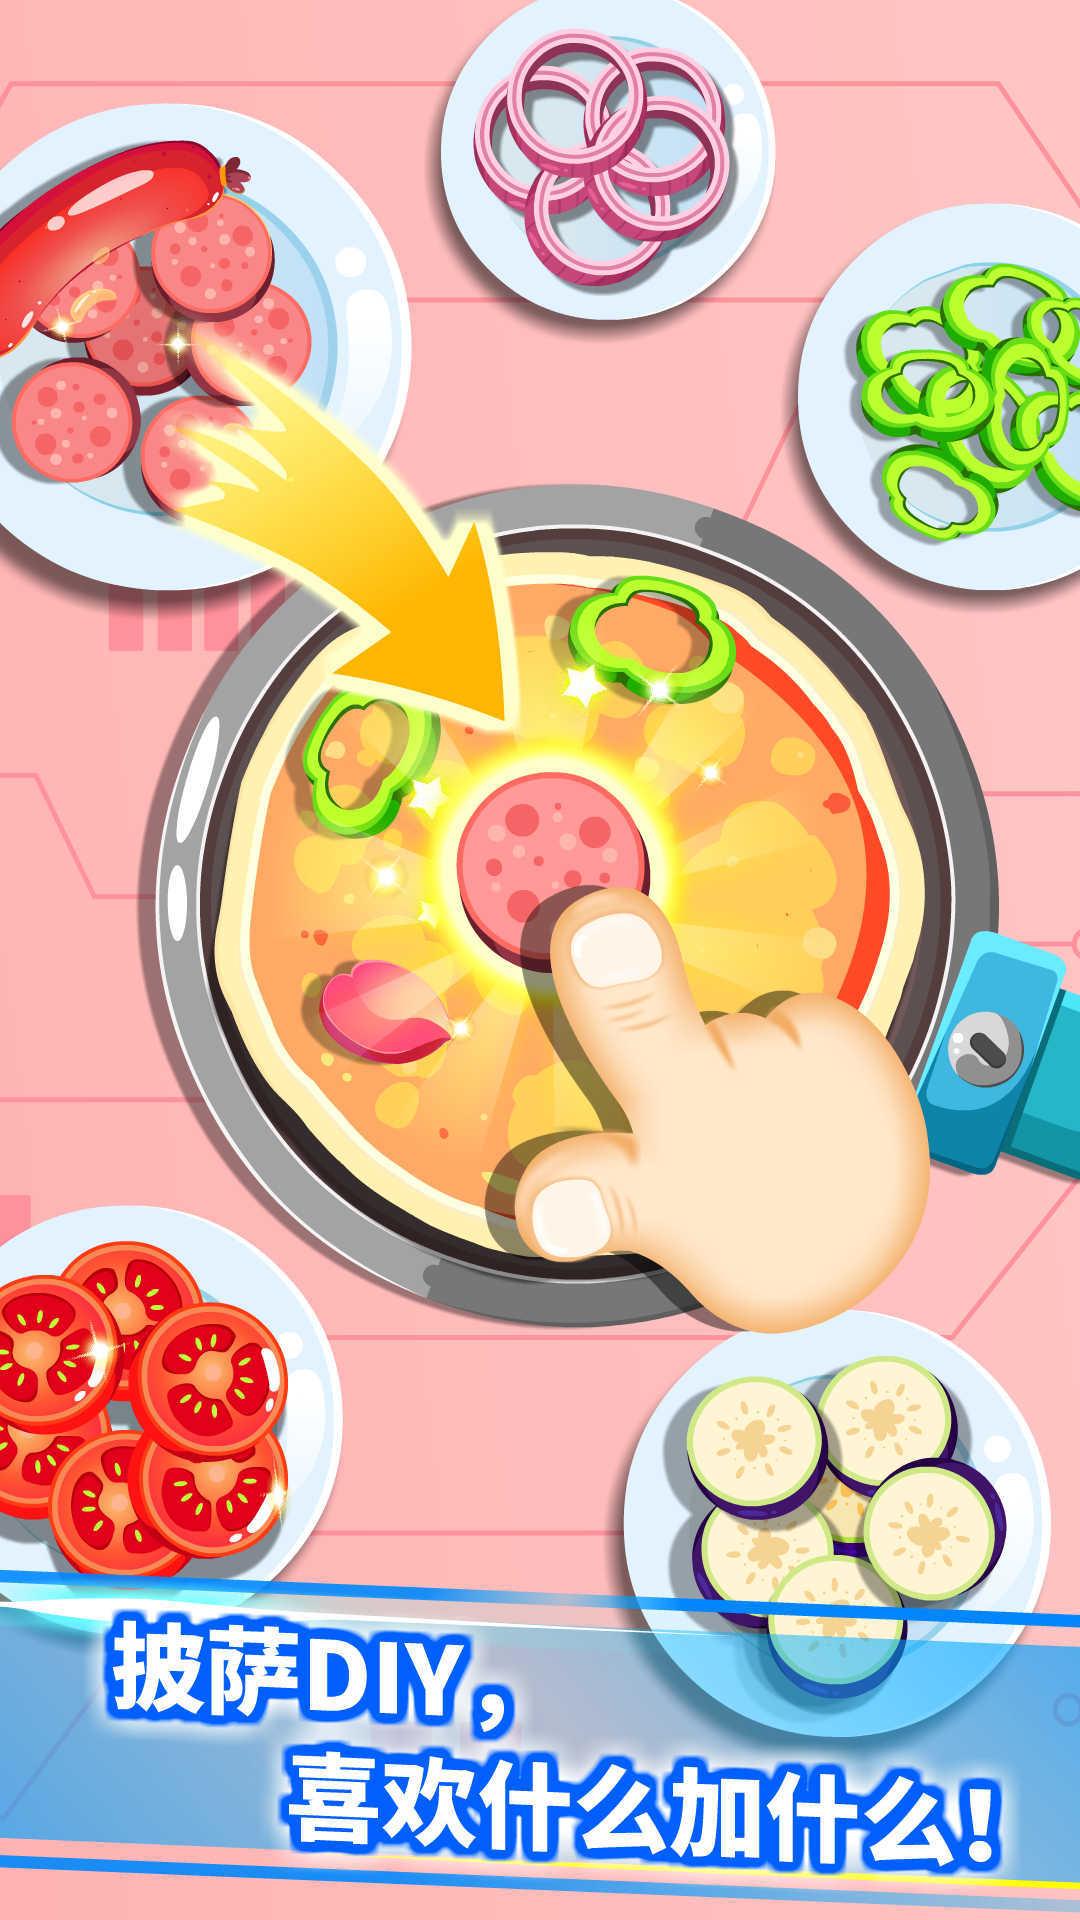 宝宝星际厨房电脑版截图3